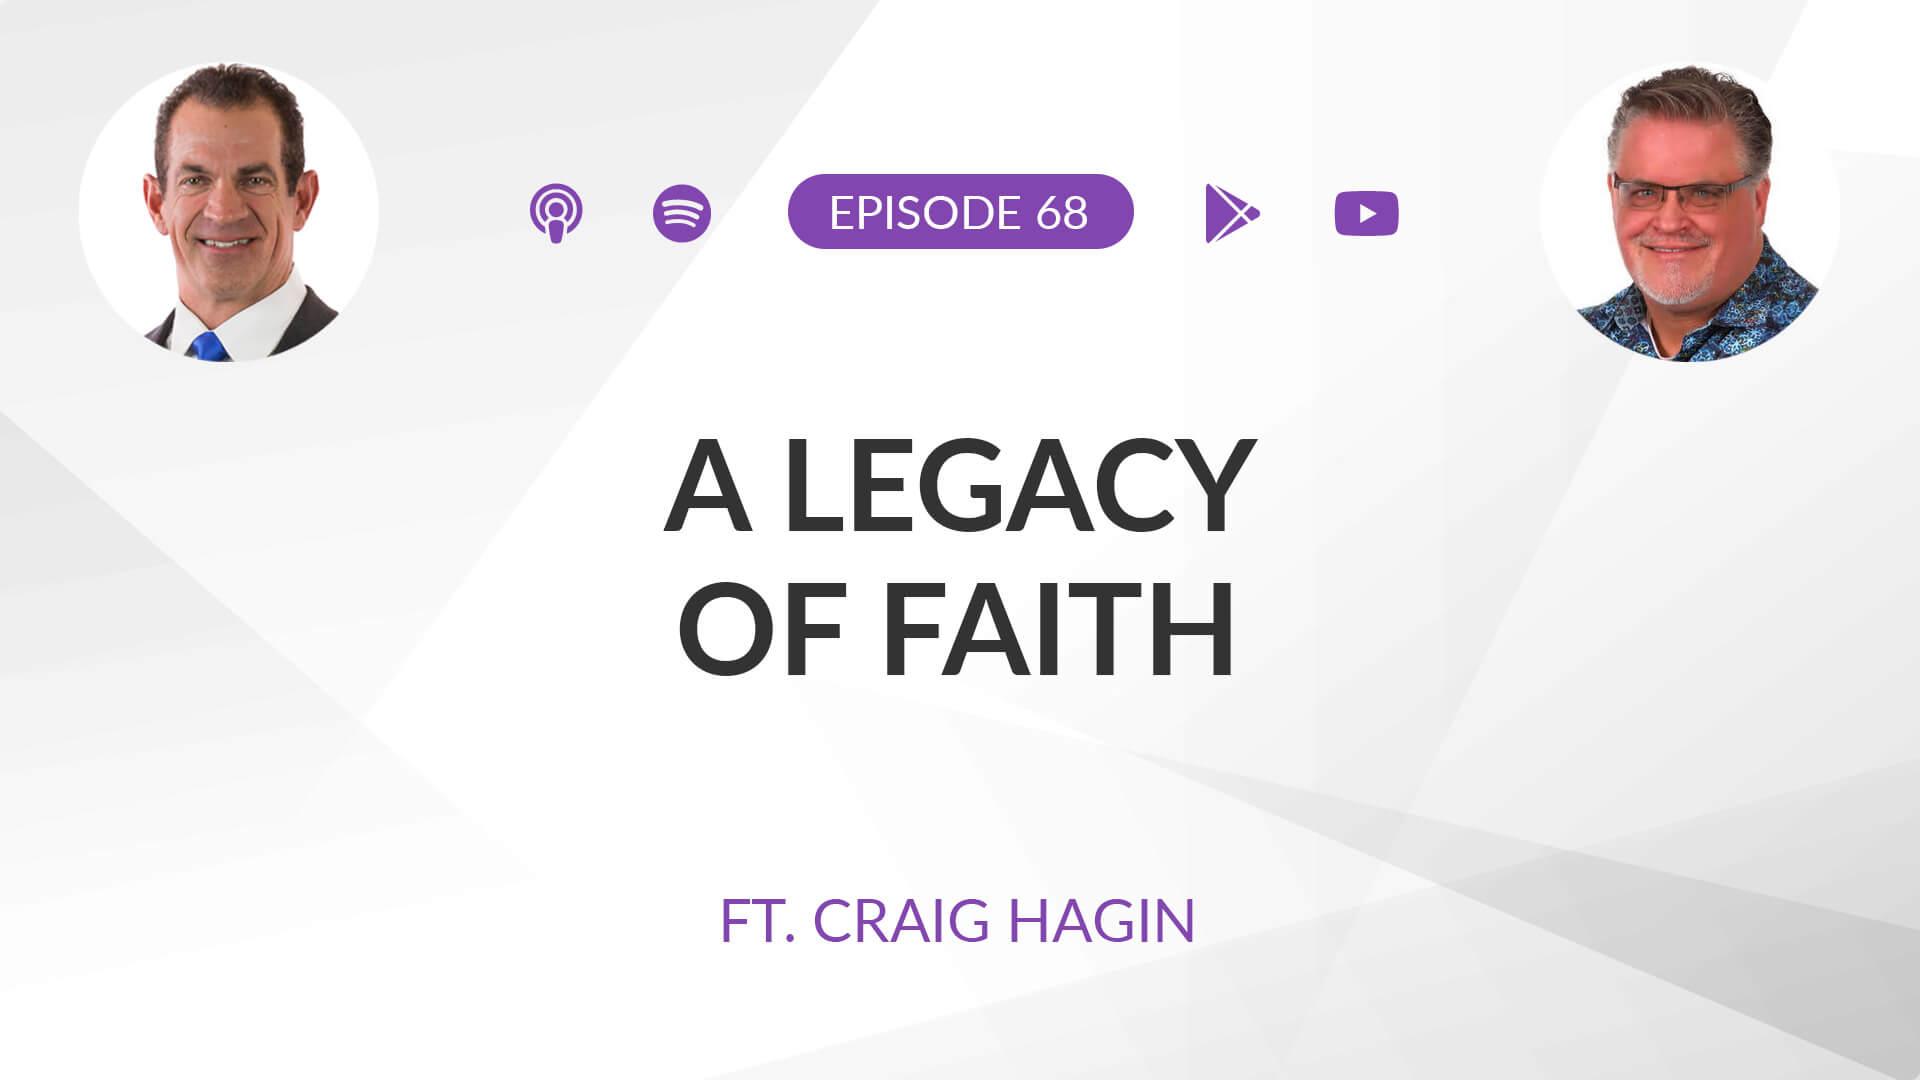 Ep 68: A Legacy of Faith ft. Craig Hagin